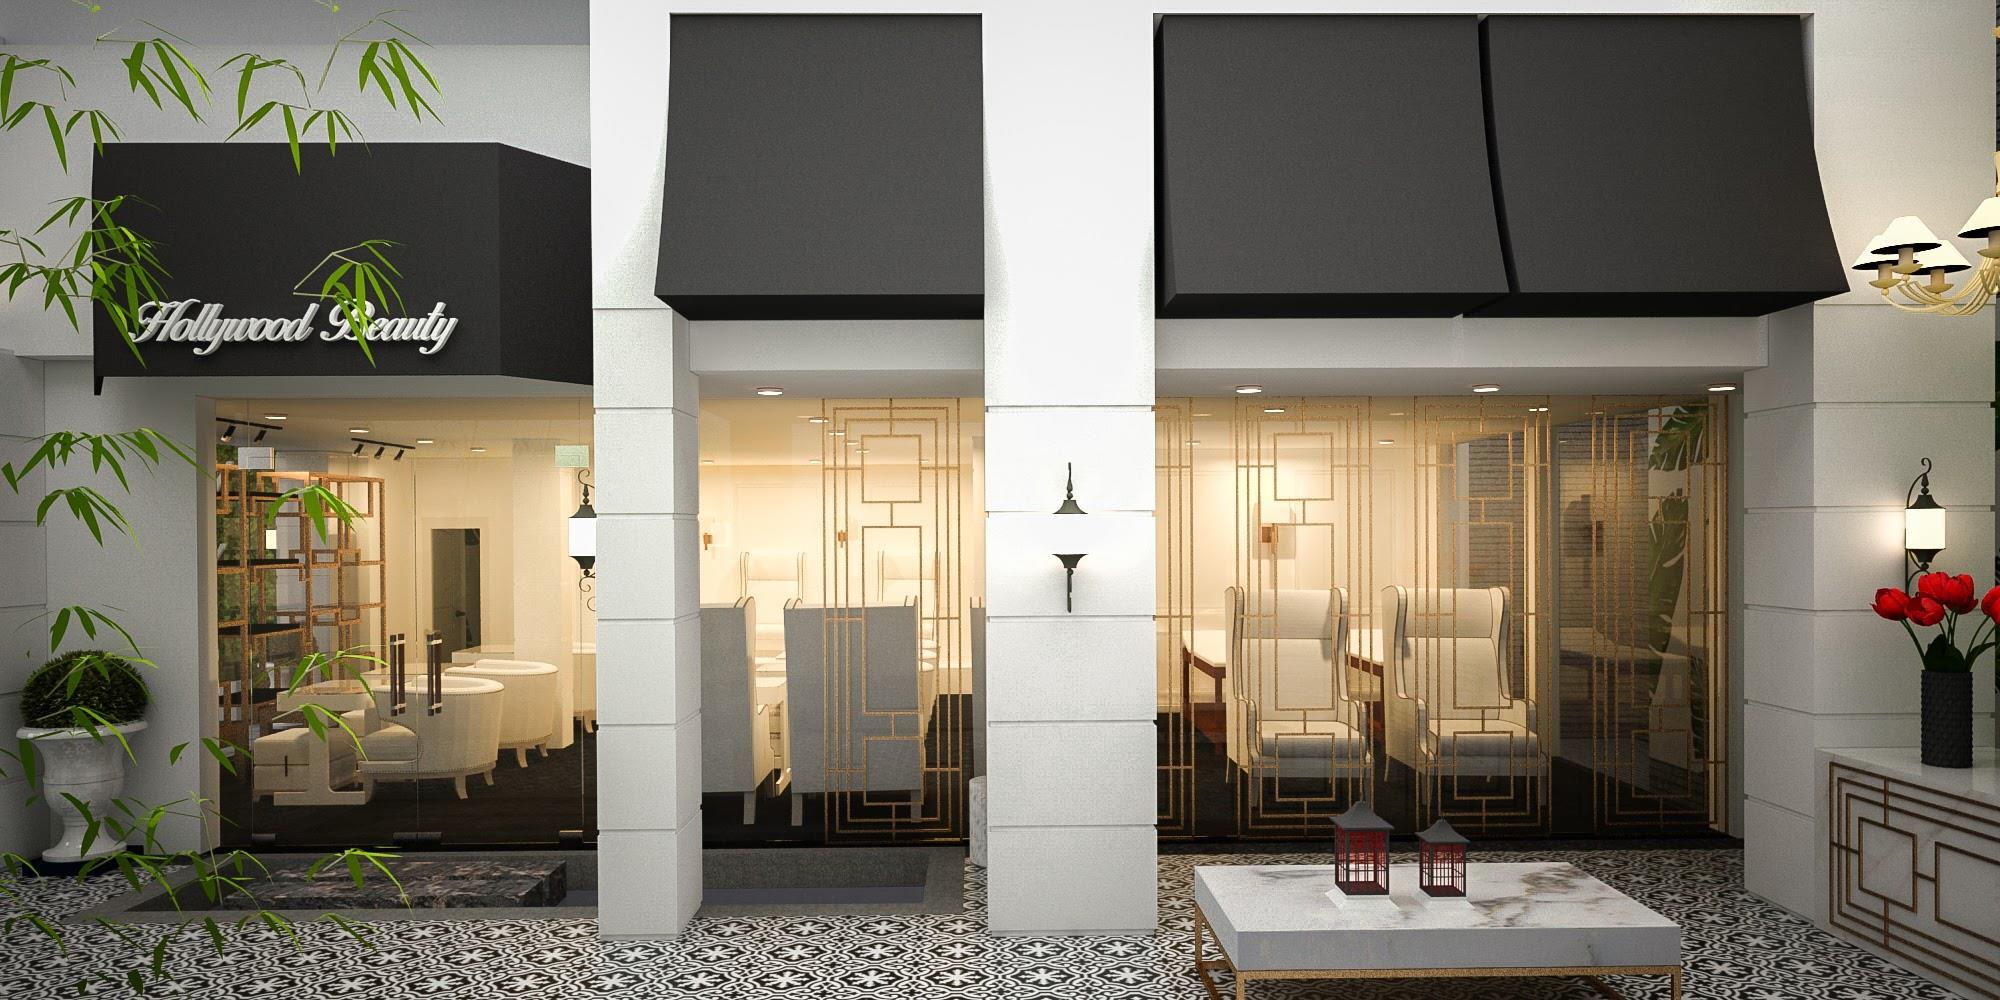 thiết kế nội thất Spa tại Hồ Chí Minh CẢI TẠO SPA - 06.2017 0 1534236522